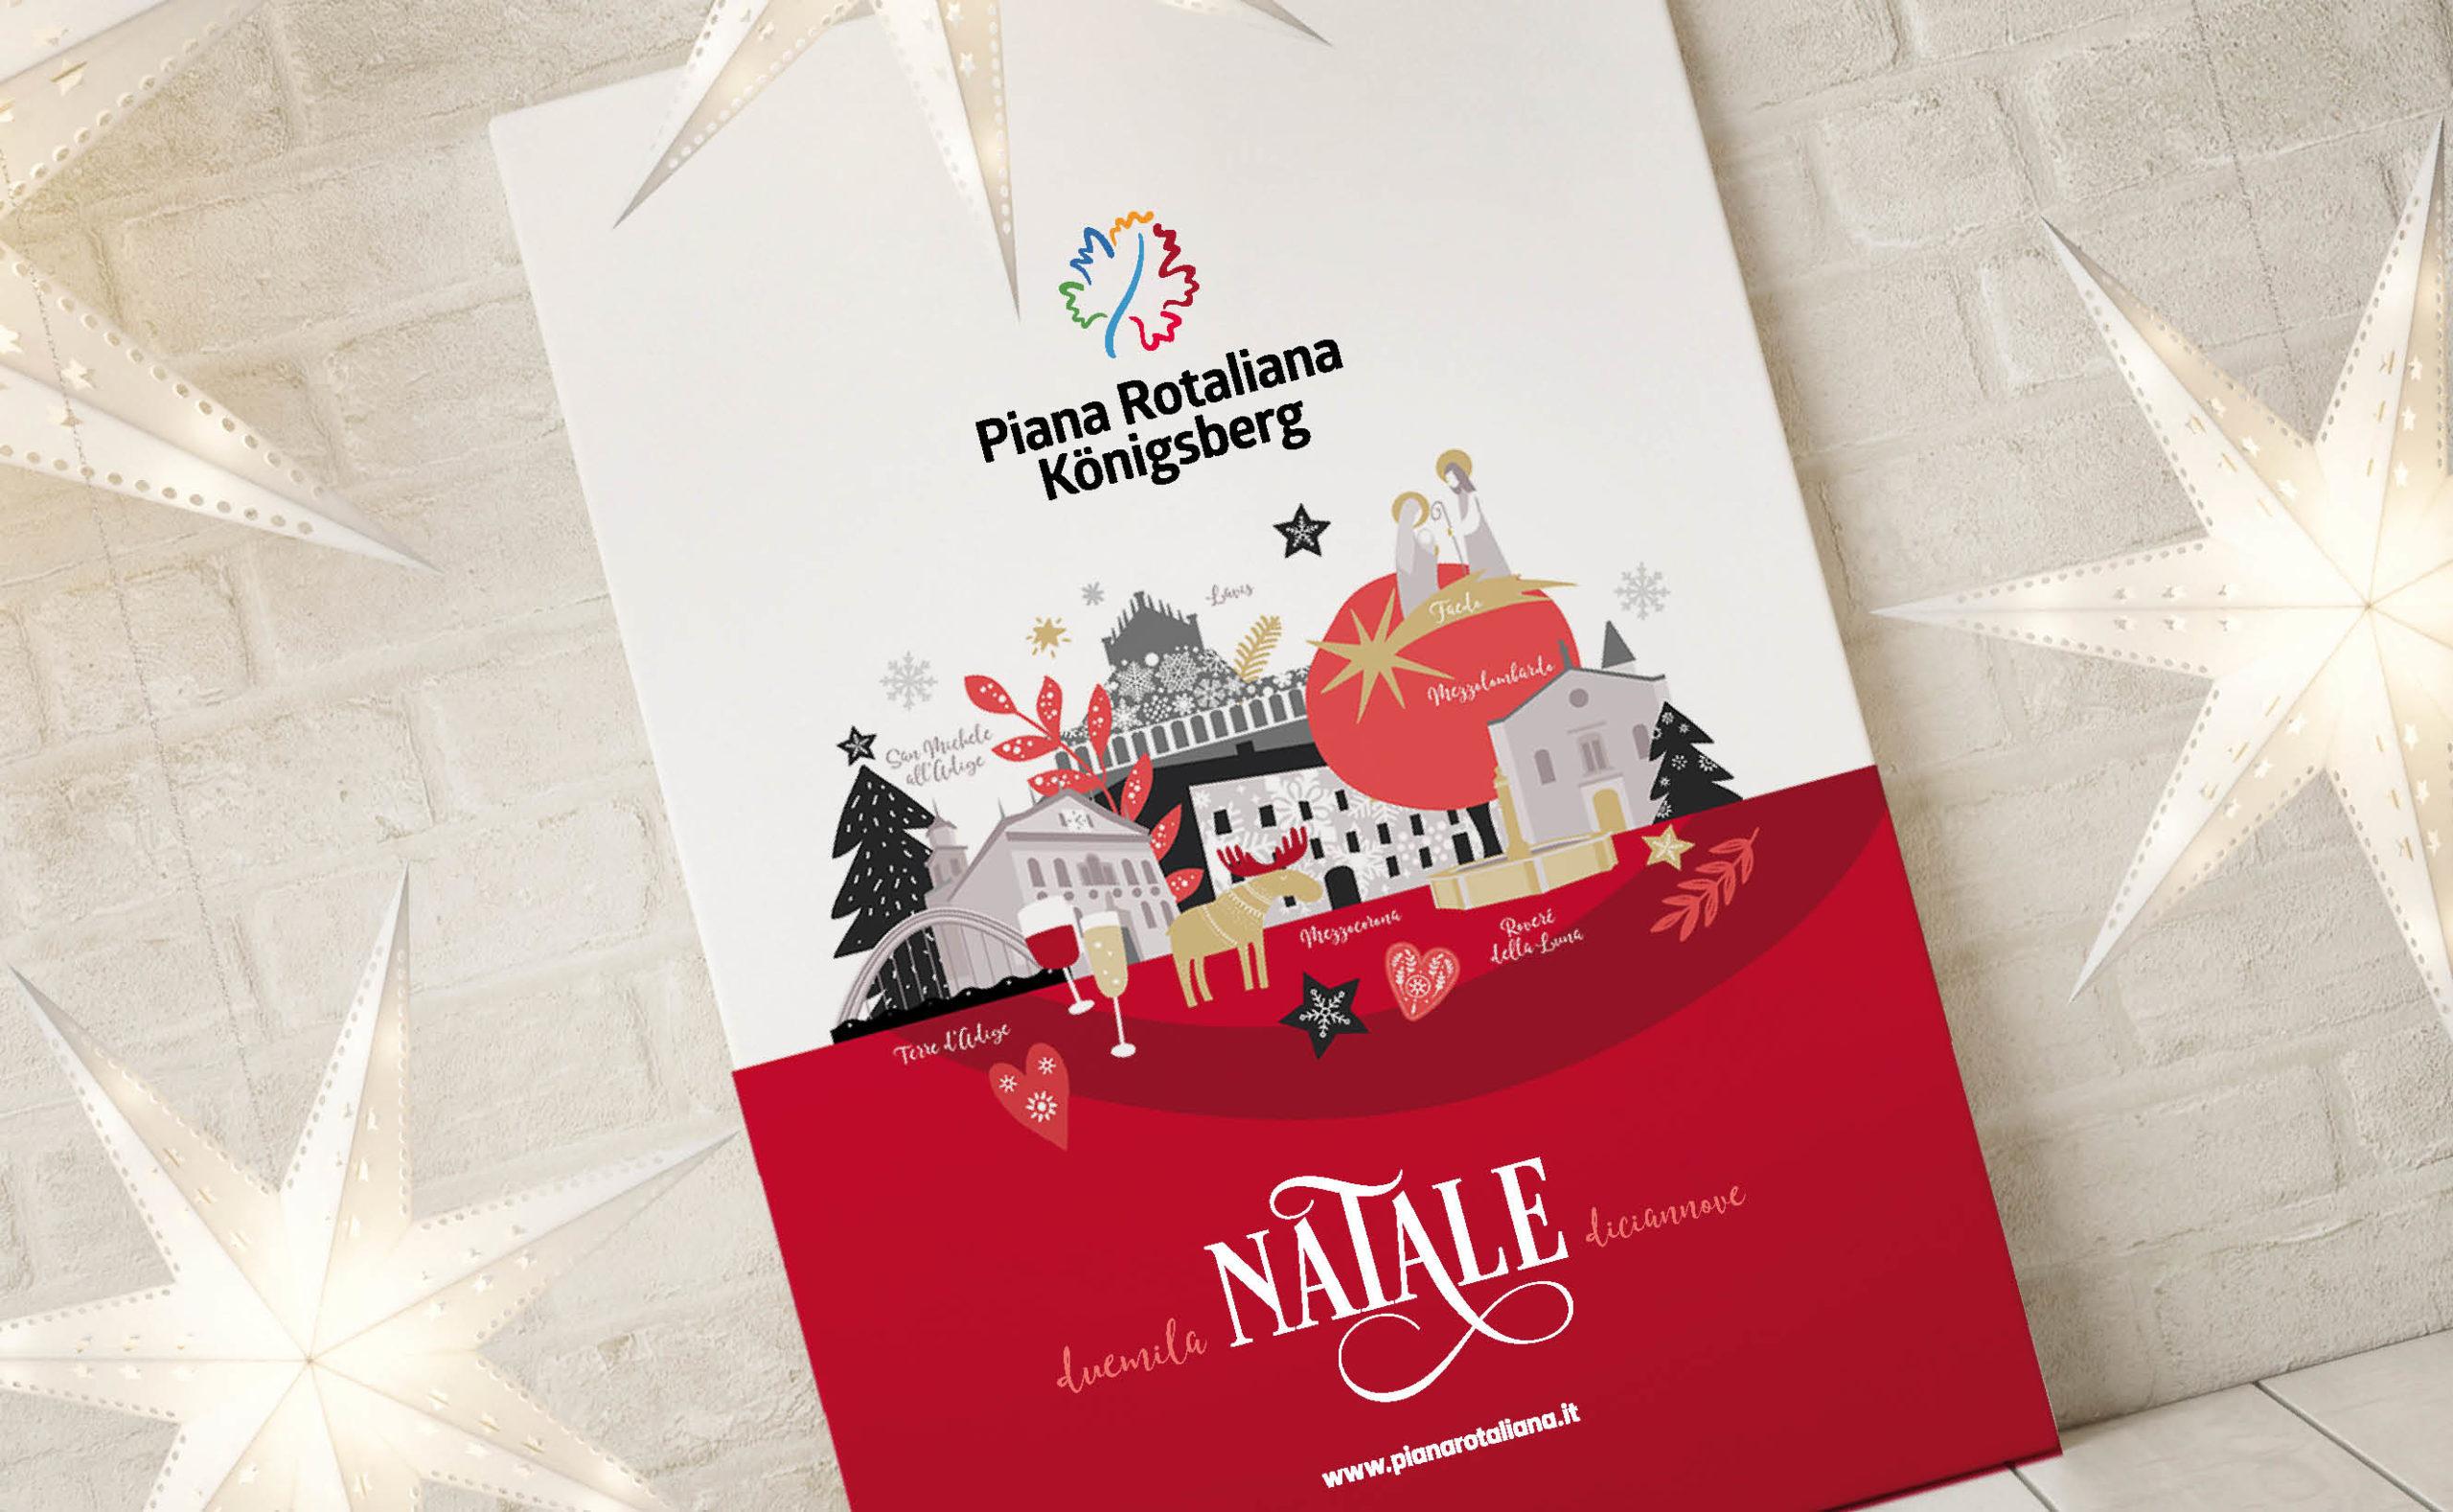 Depliant Natale Piana Rotaliana – Trentino_01